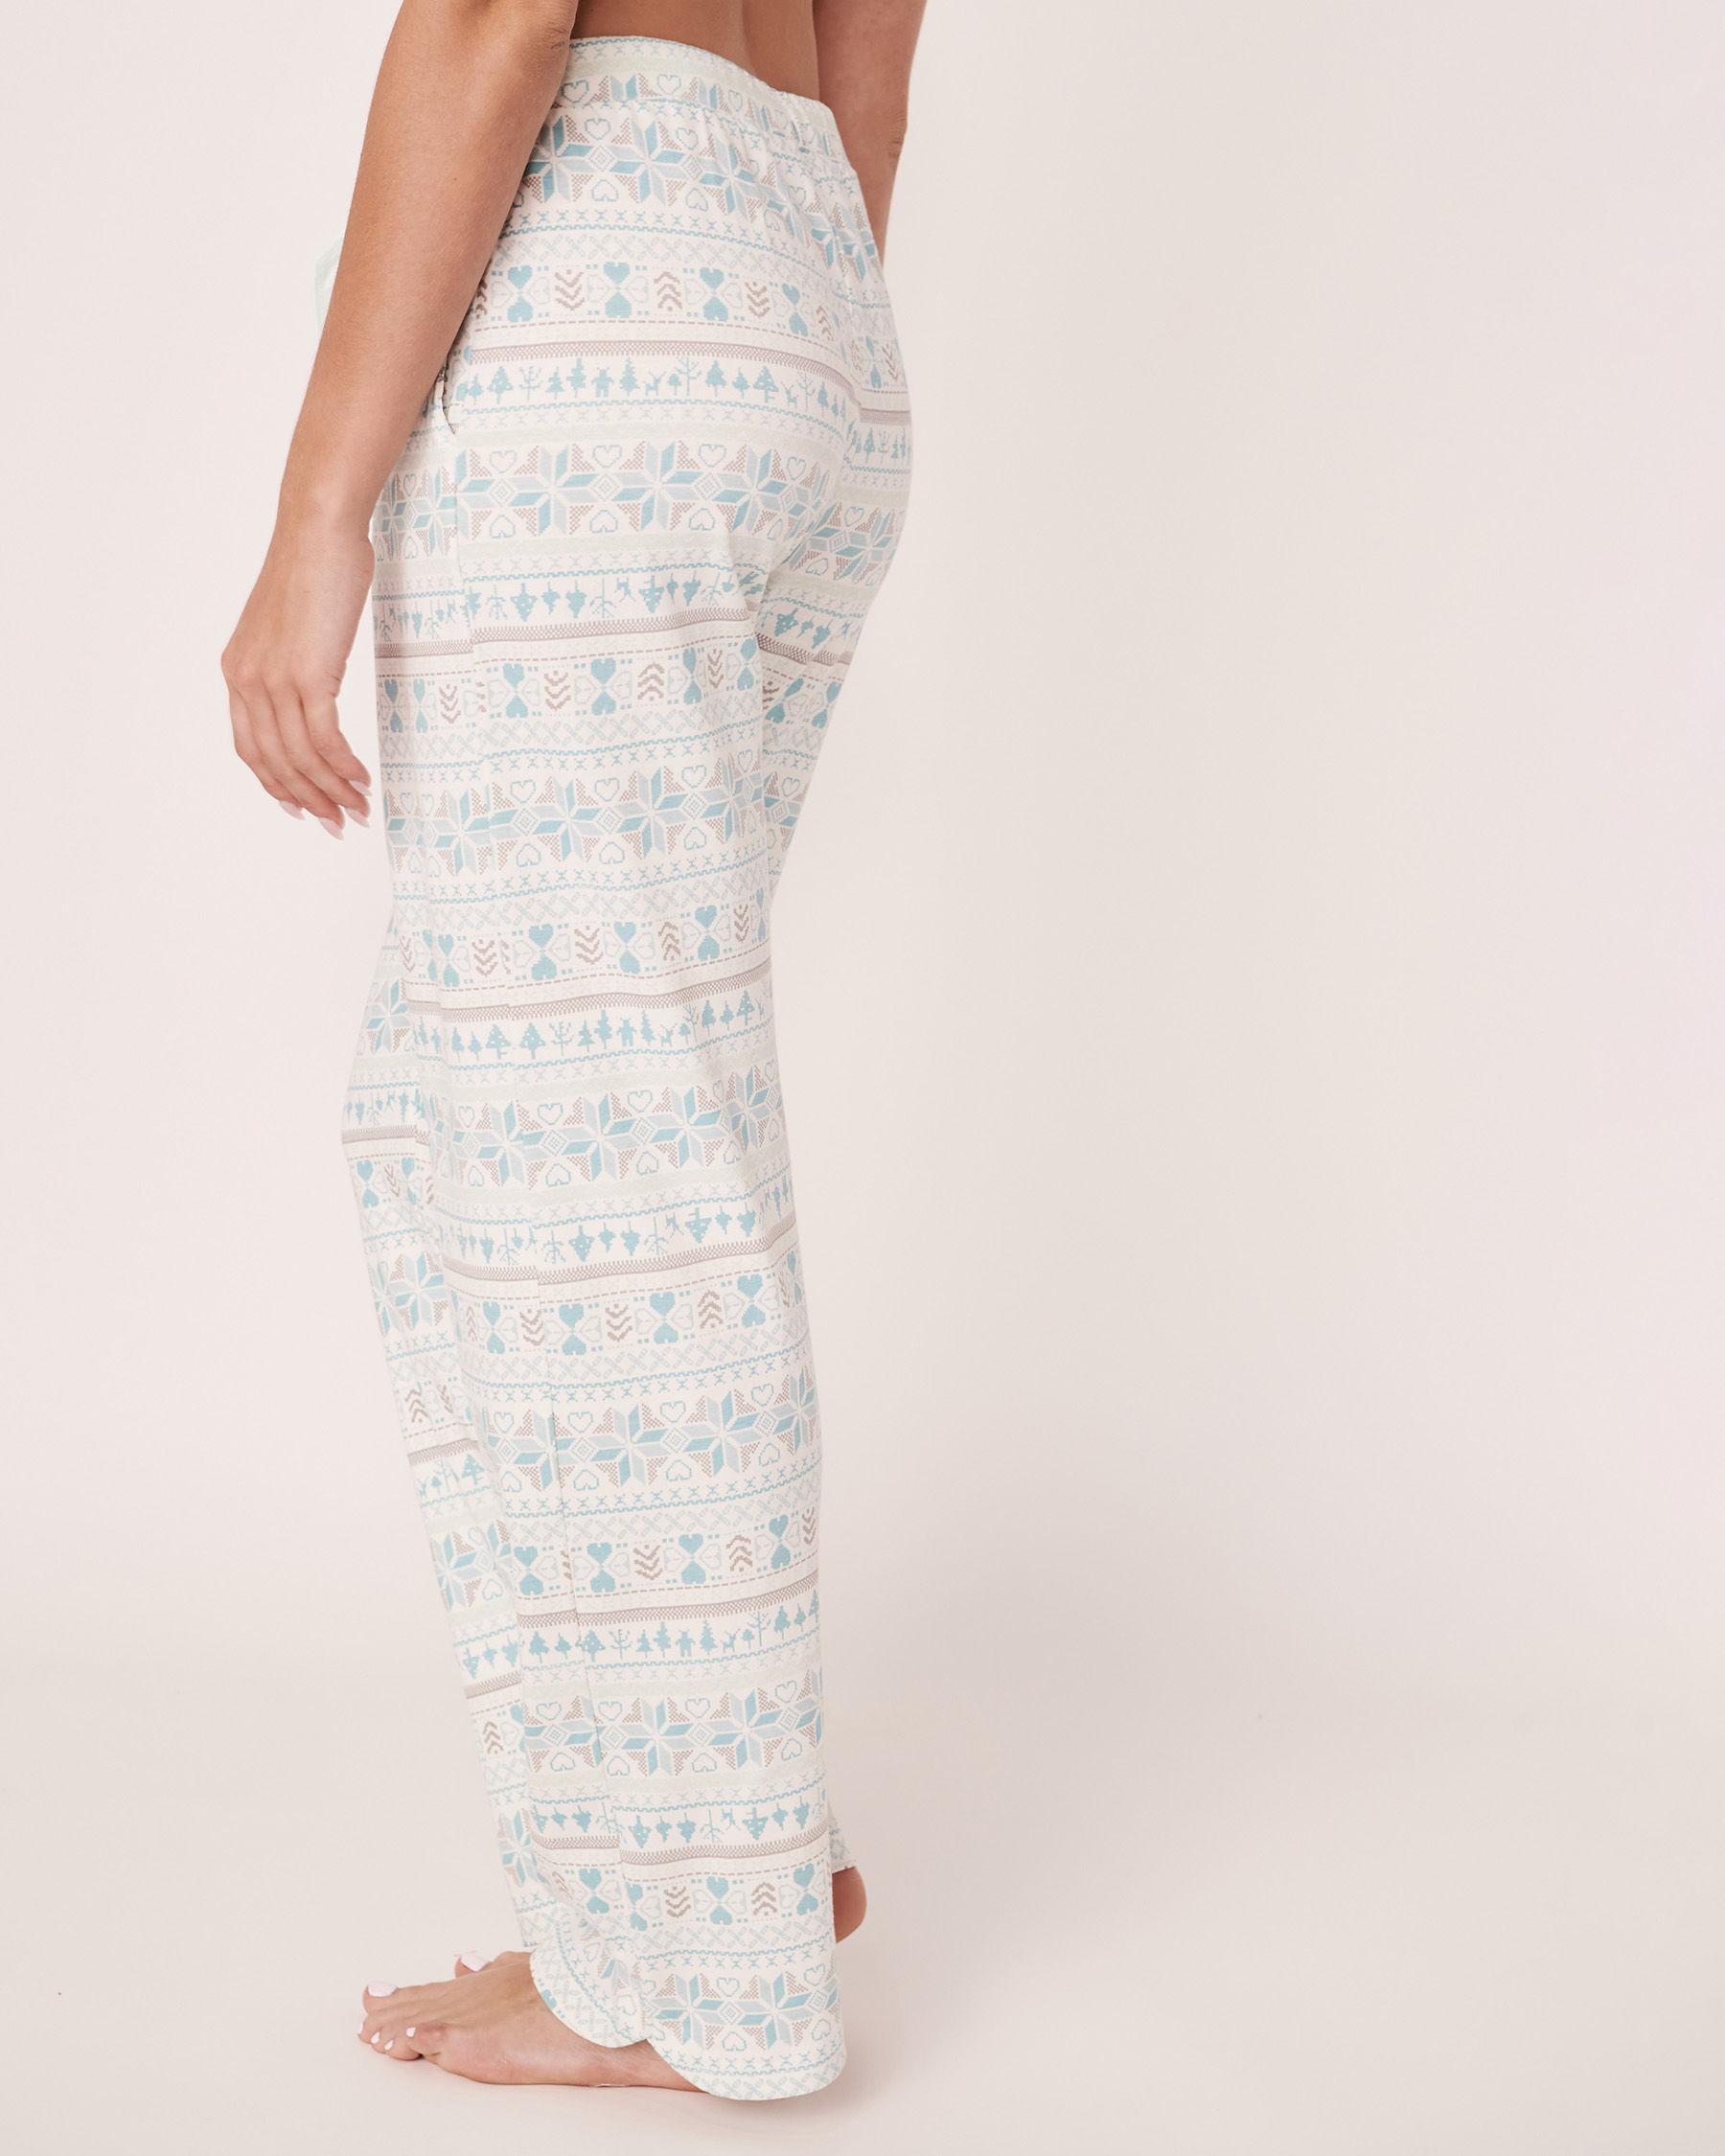 LA VIE EN ROSE Pantalon jambe droite en coton biologique Imprimé nordique 40200143 - Voir2